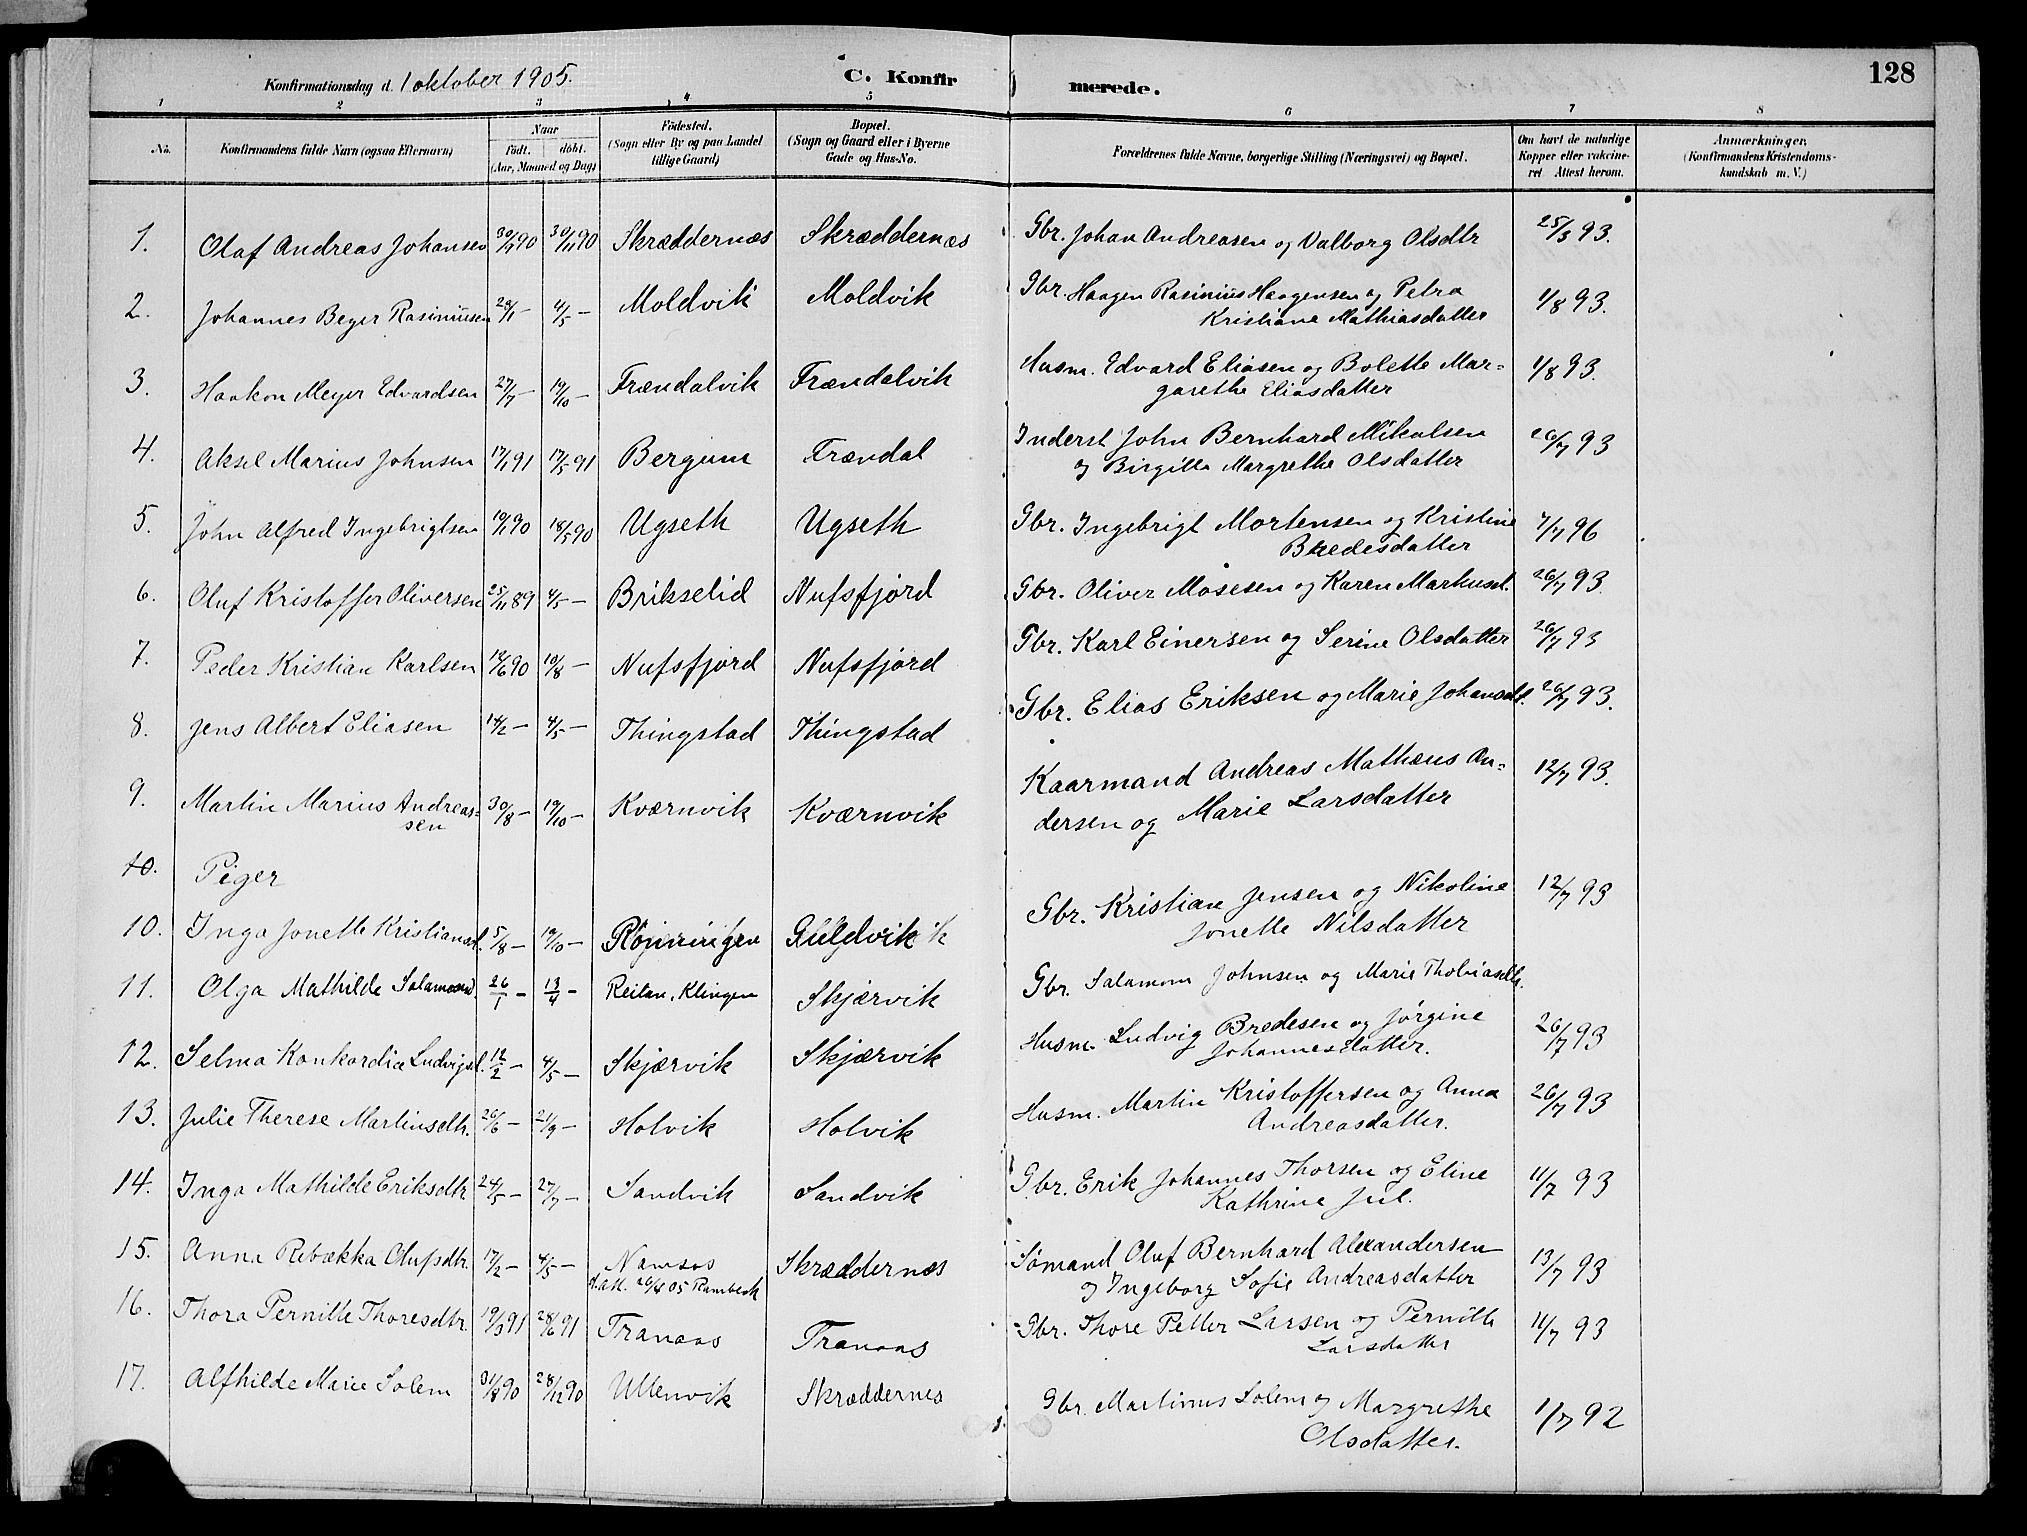 SAT, Ministerialprotokoller, klokkerbøker og fødselsregistre - Nord-Trøndelag, 773/L0617: Ministerialbok nr. 773A08, 1887-1910, s. 128